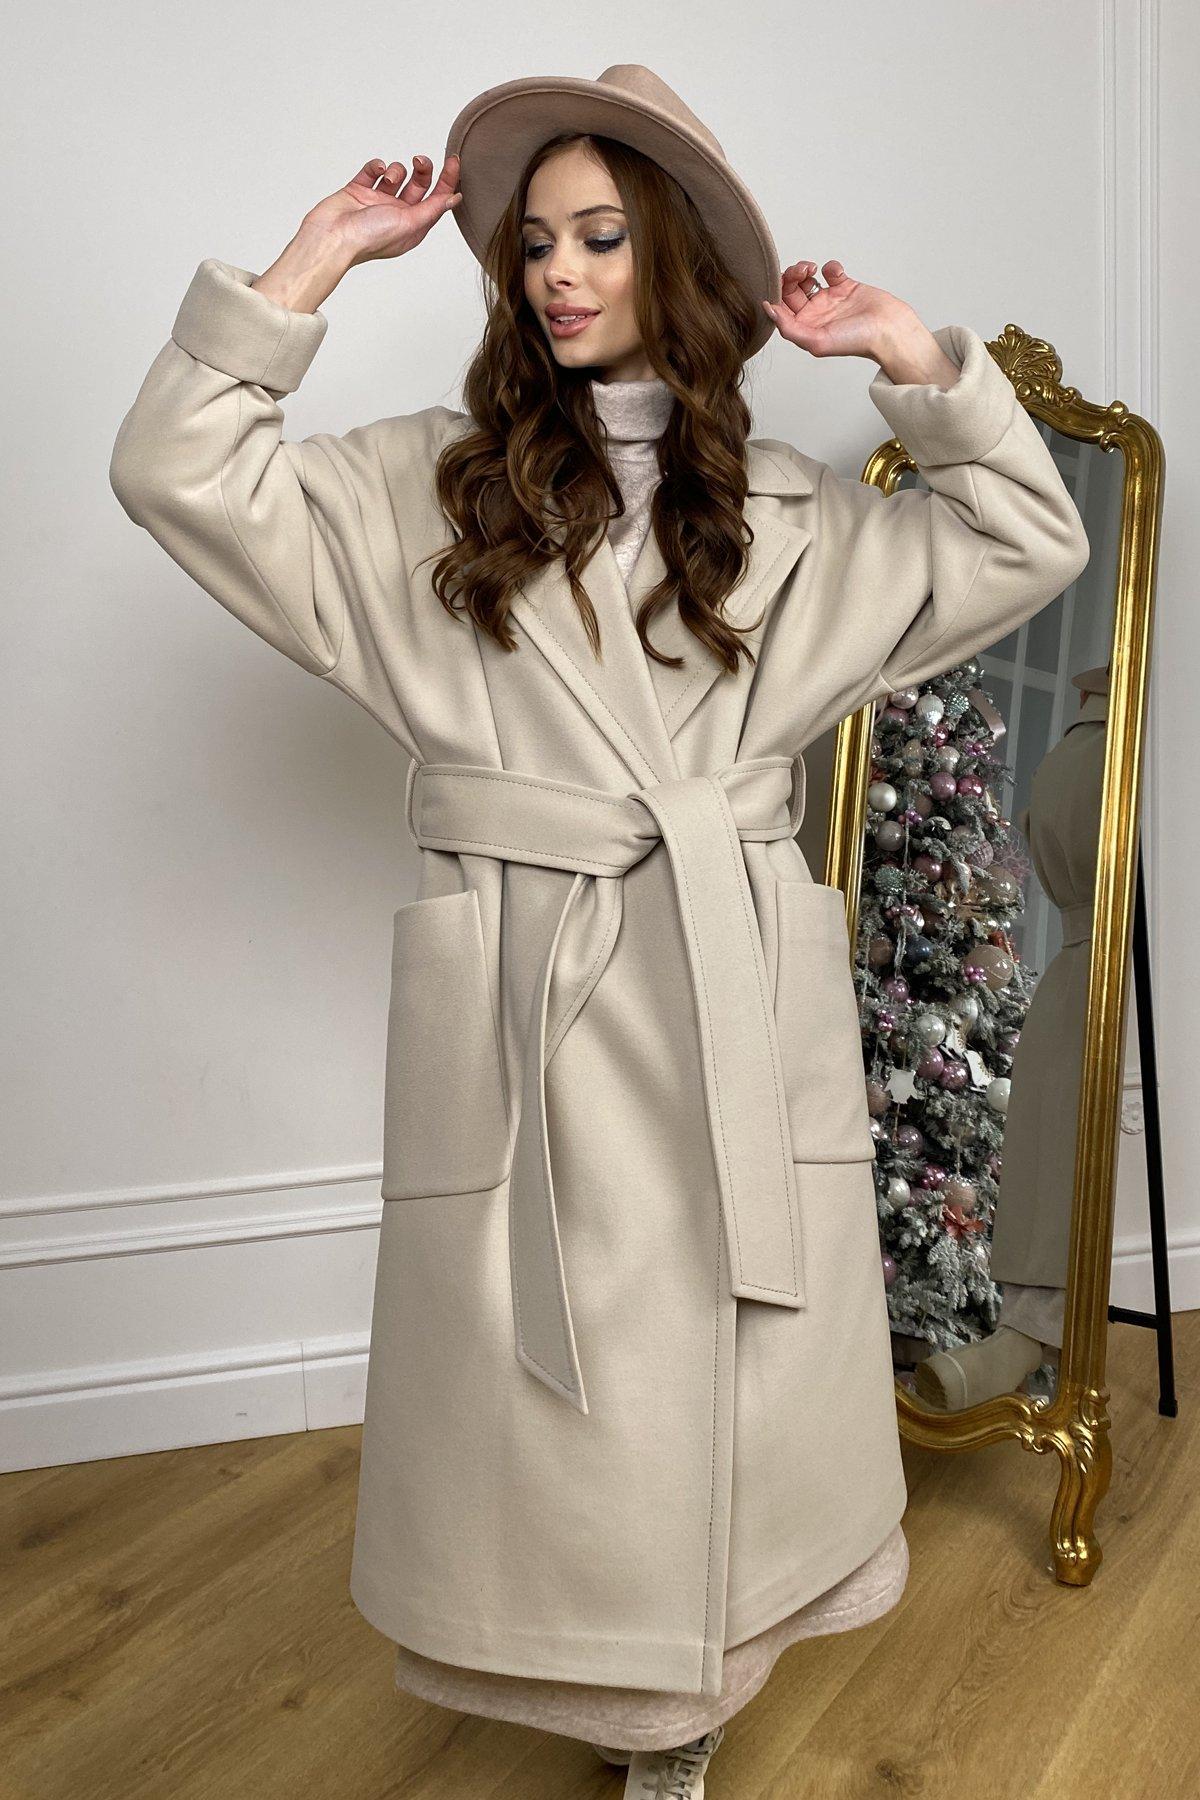 Кейт  зимнее пальто  из кашемира с хомутом 10097 АРТ. 46406 Цвет: Бежевый - фото 5, интернет магазин tm-modus.ru